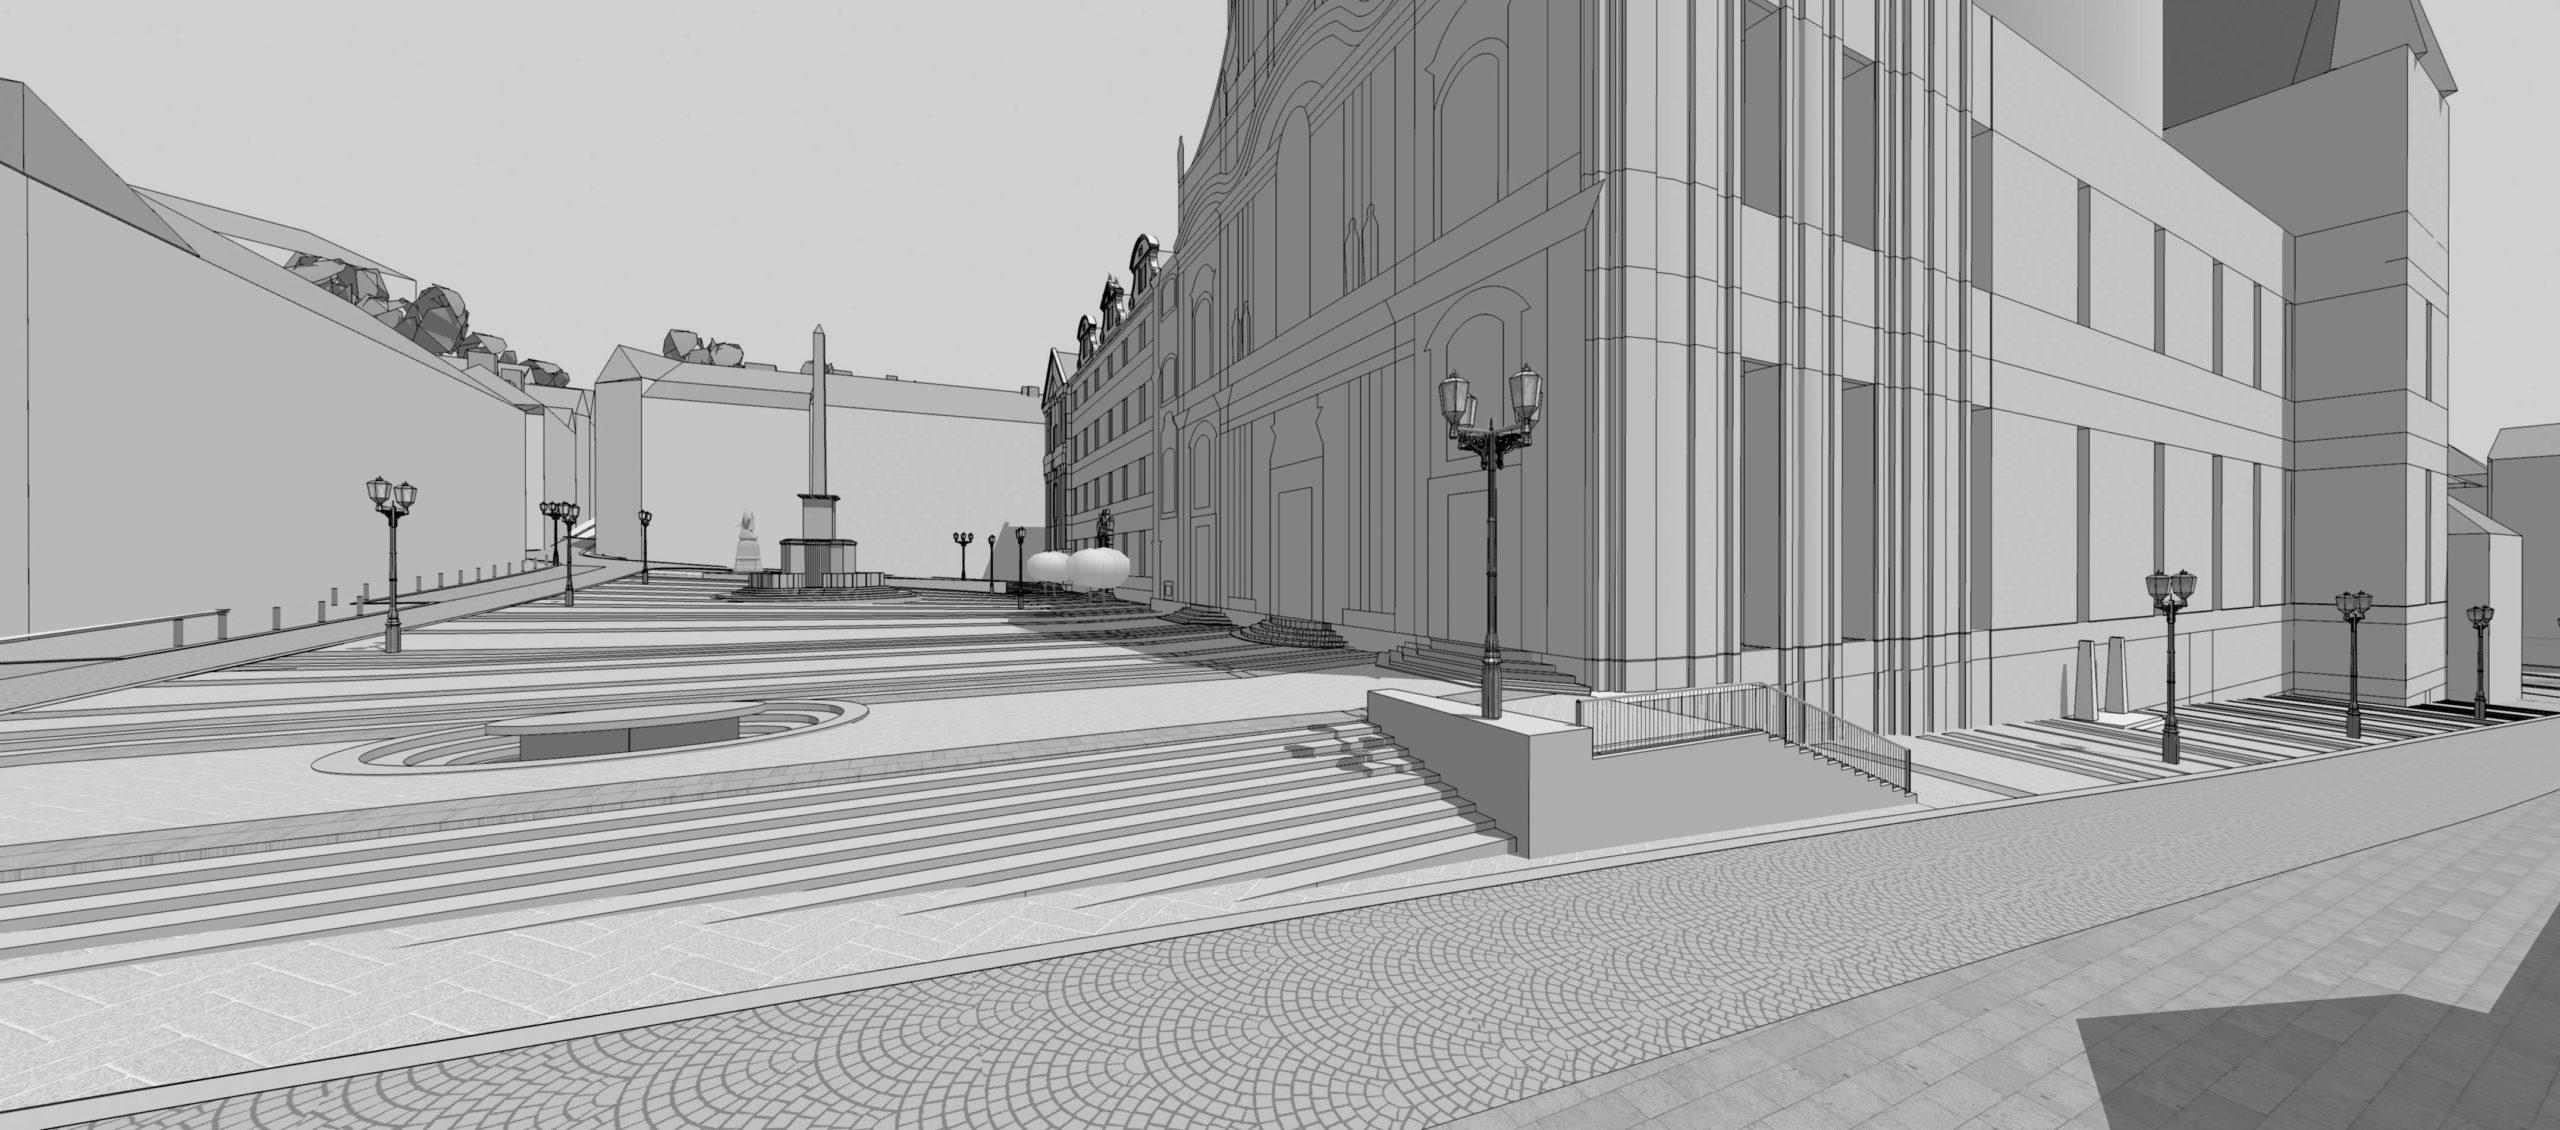 Soutěžní návrh revitalizace dolní a horní části Malostranského náměstí, Praha 1